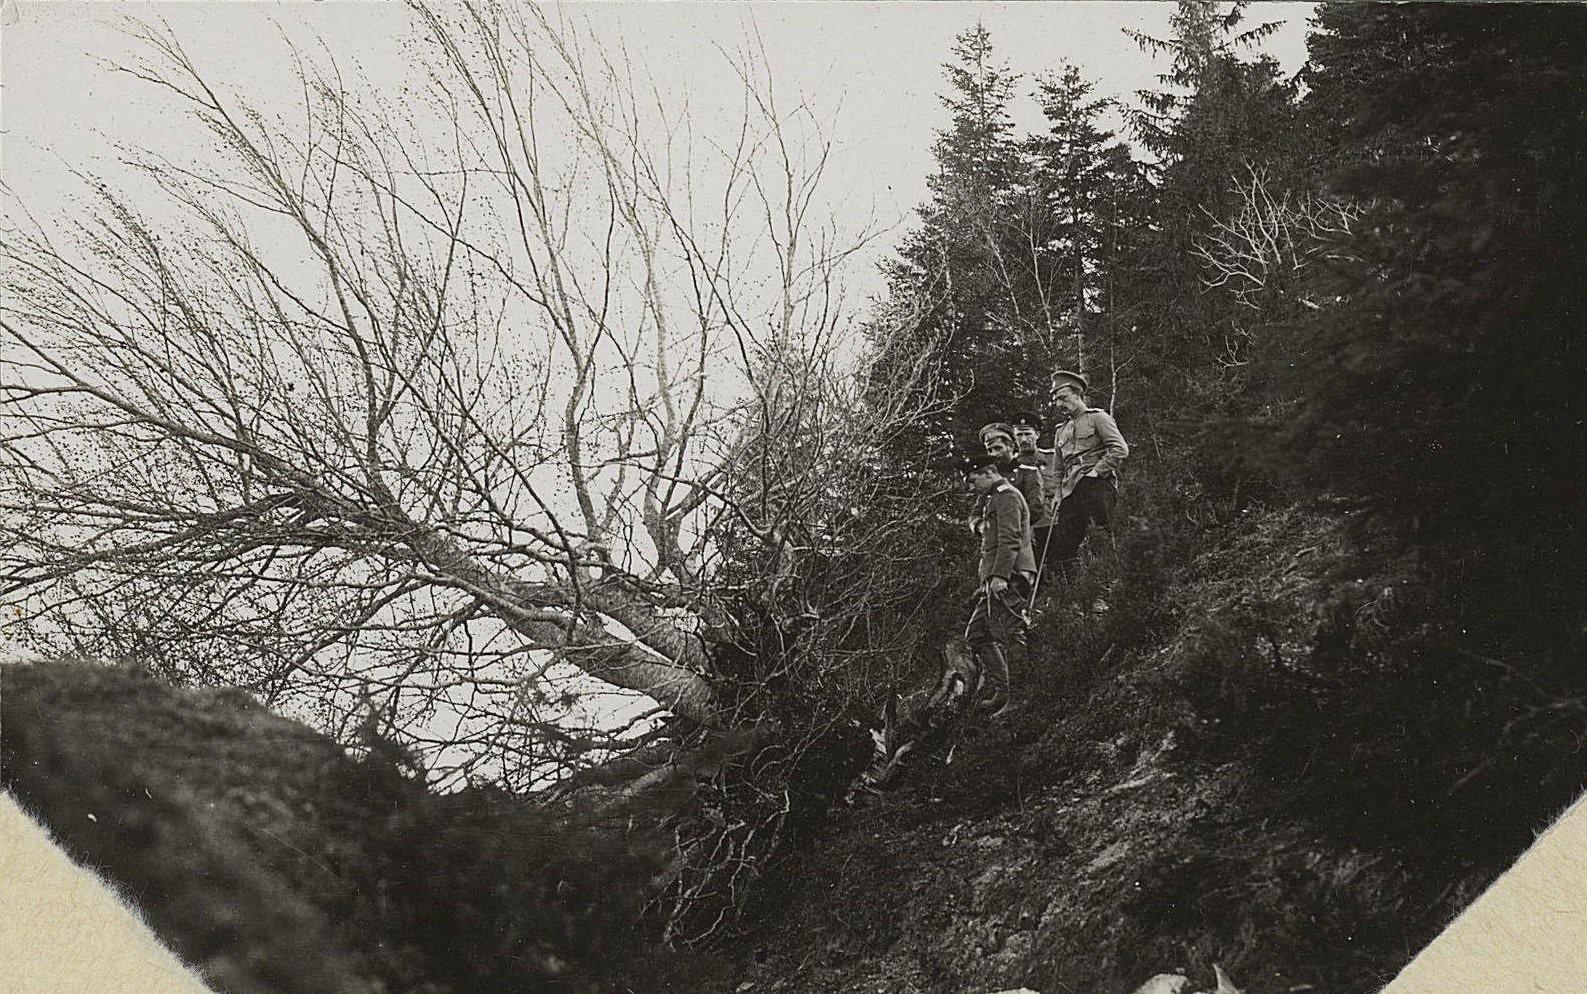 1915. Испытание бомбы. В лесистом овраге над сваленным деревом группа военных